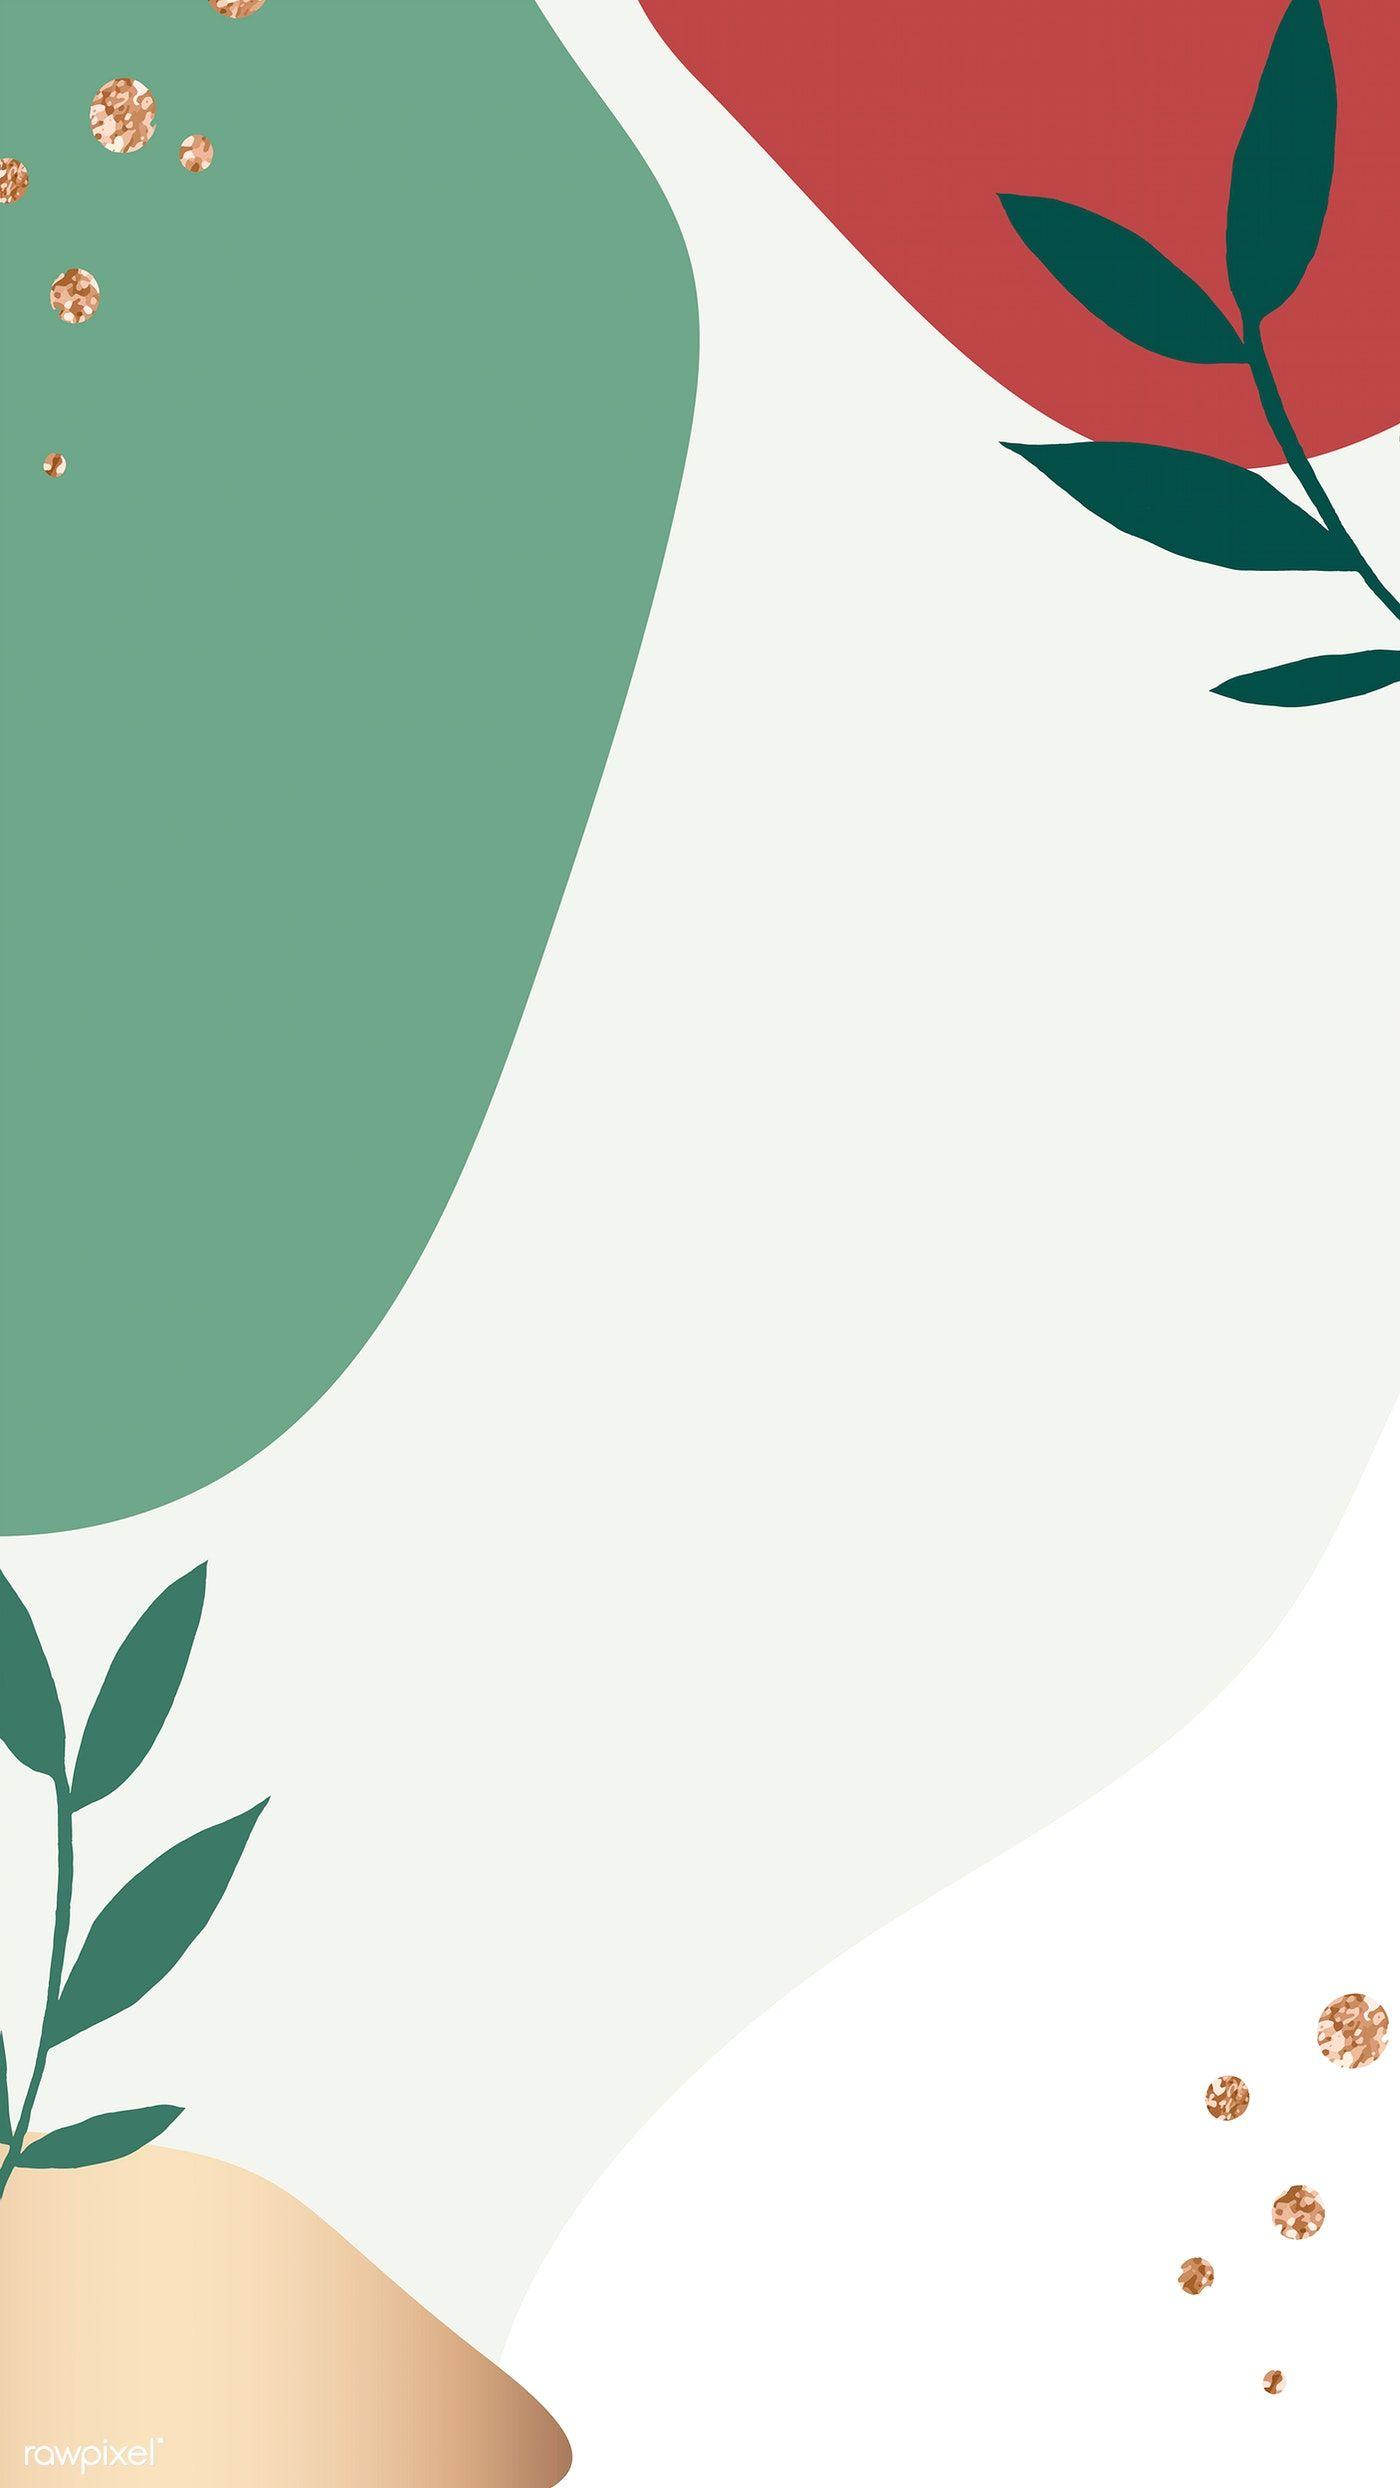 Download premium vector of Colorful Memphis mobile phone wallpaper vector